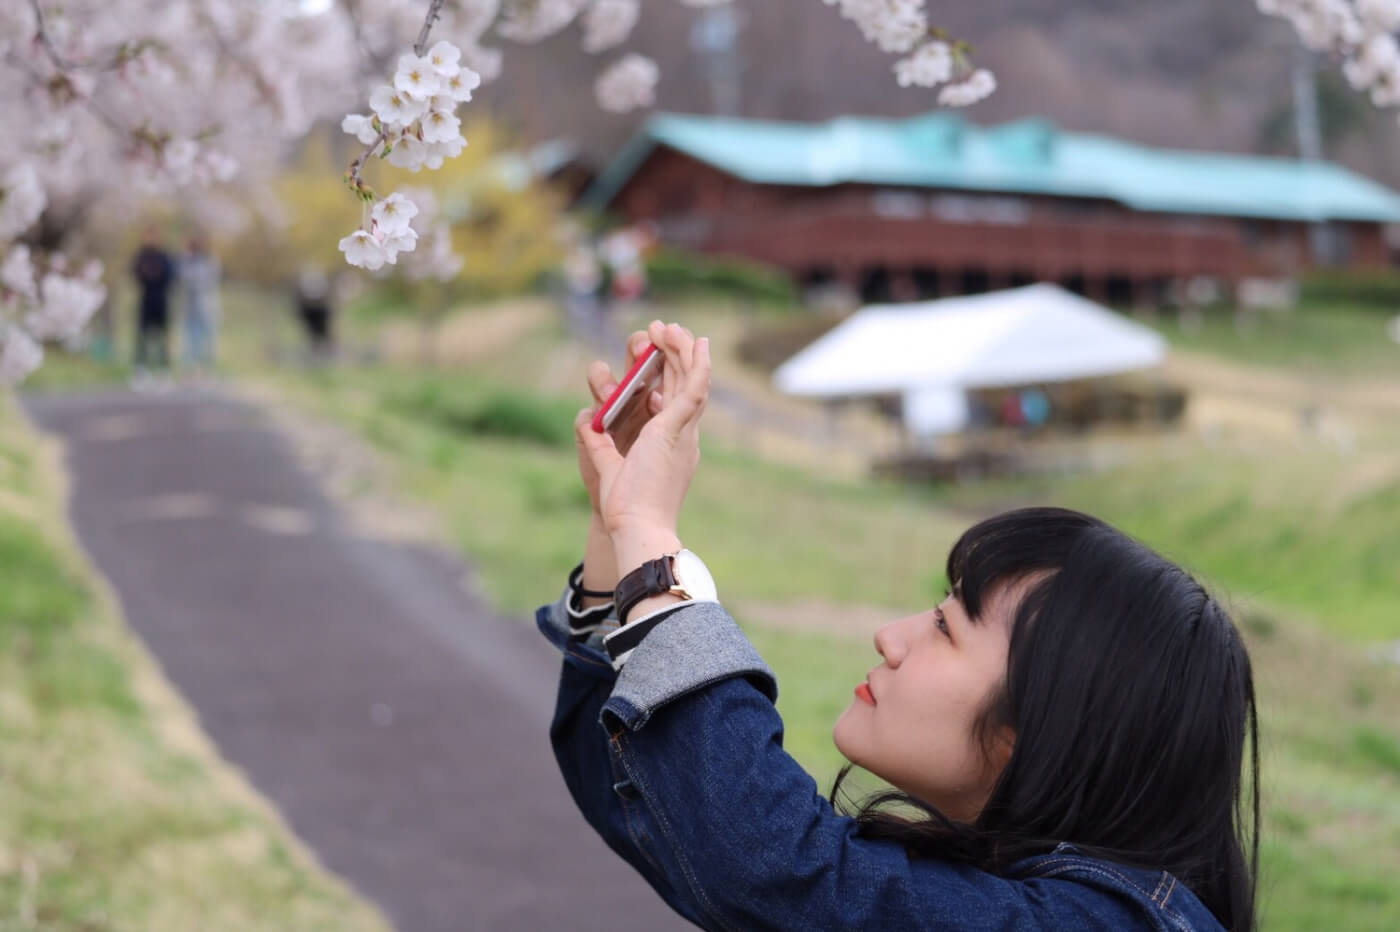 スマホで桜の写真を撮る女性